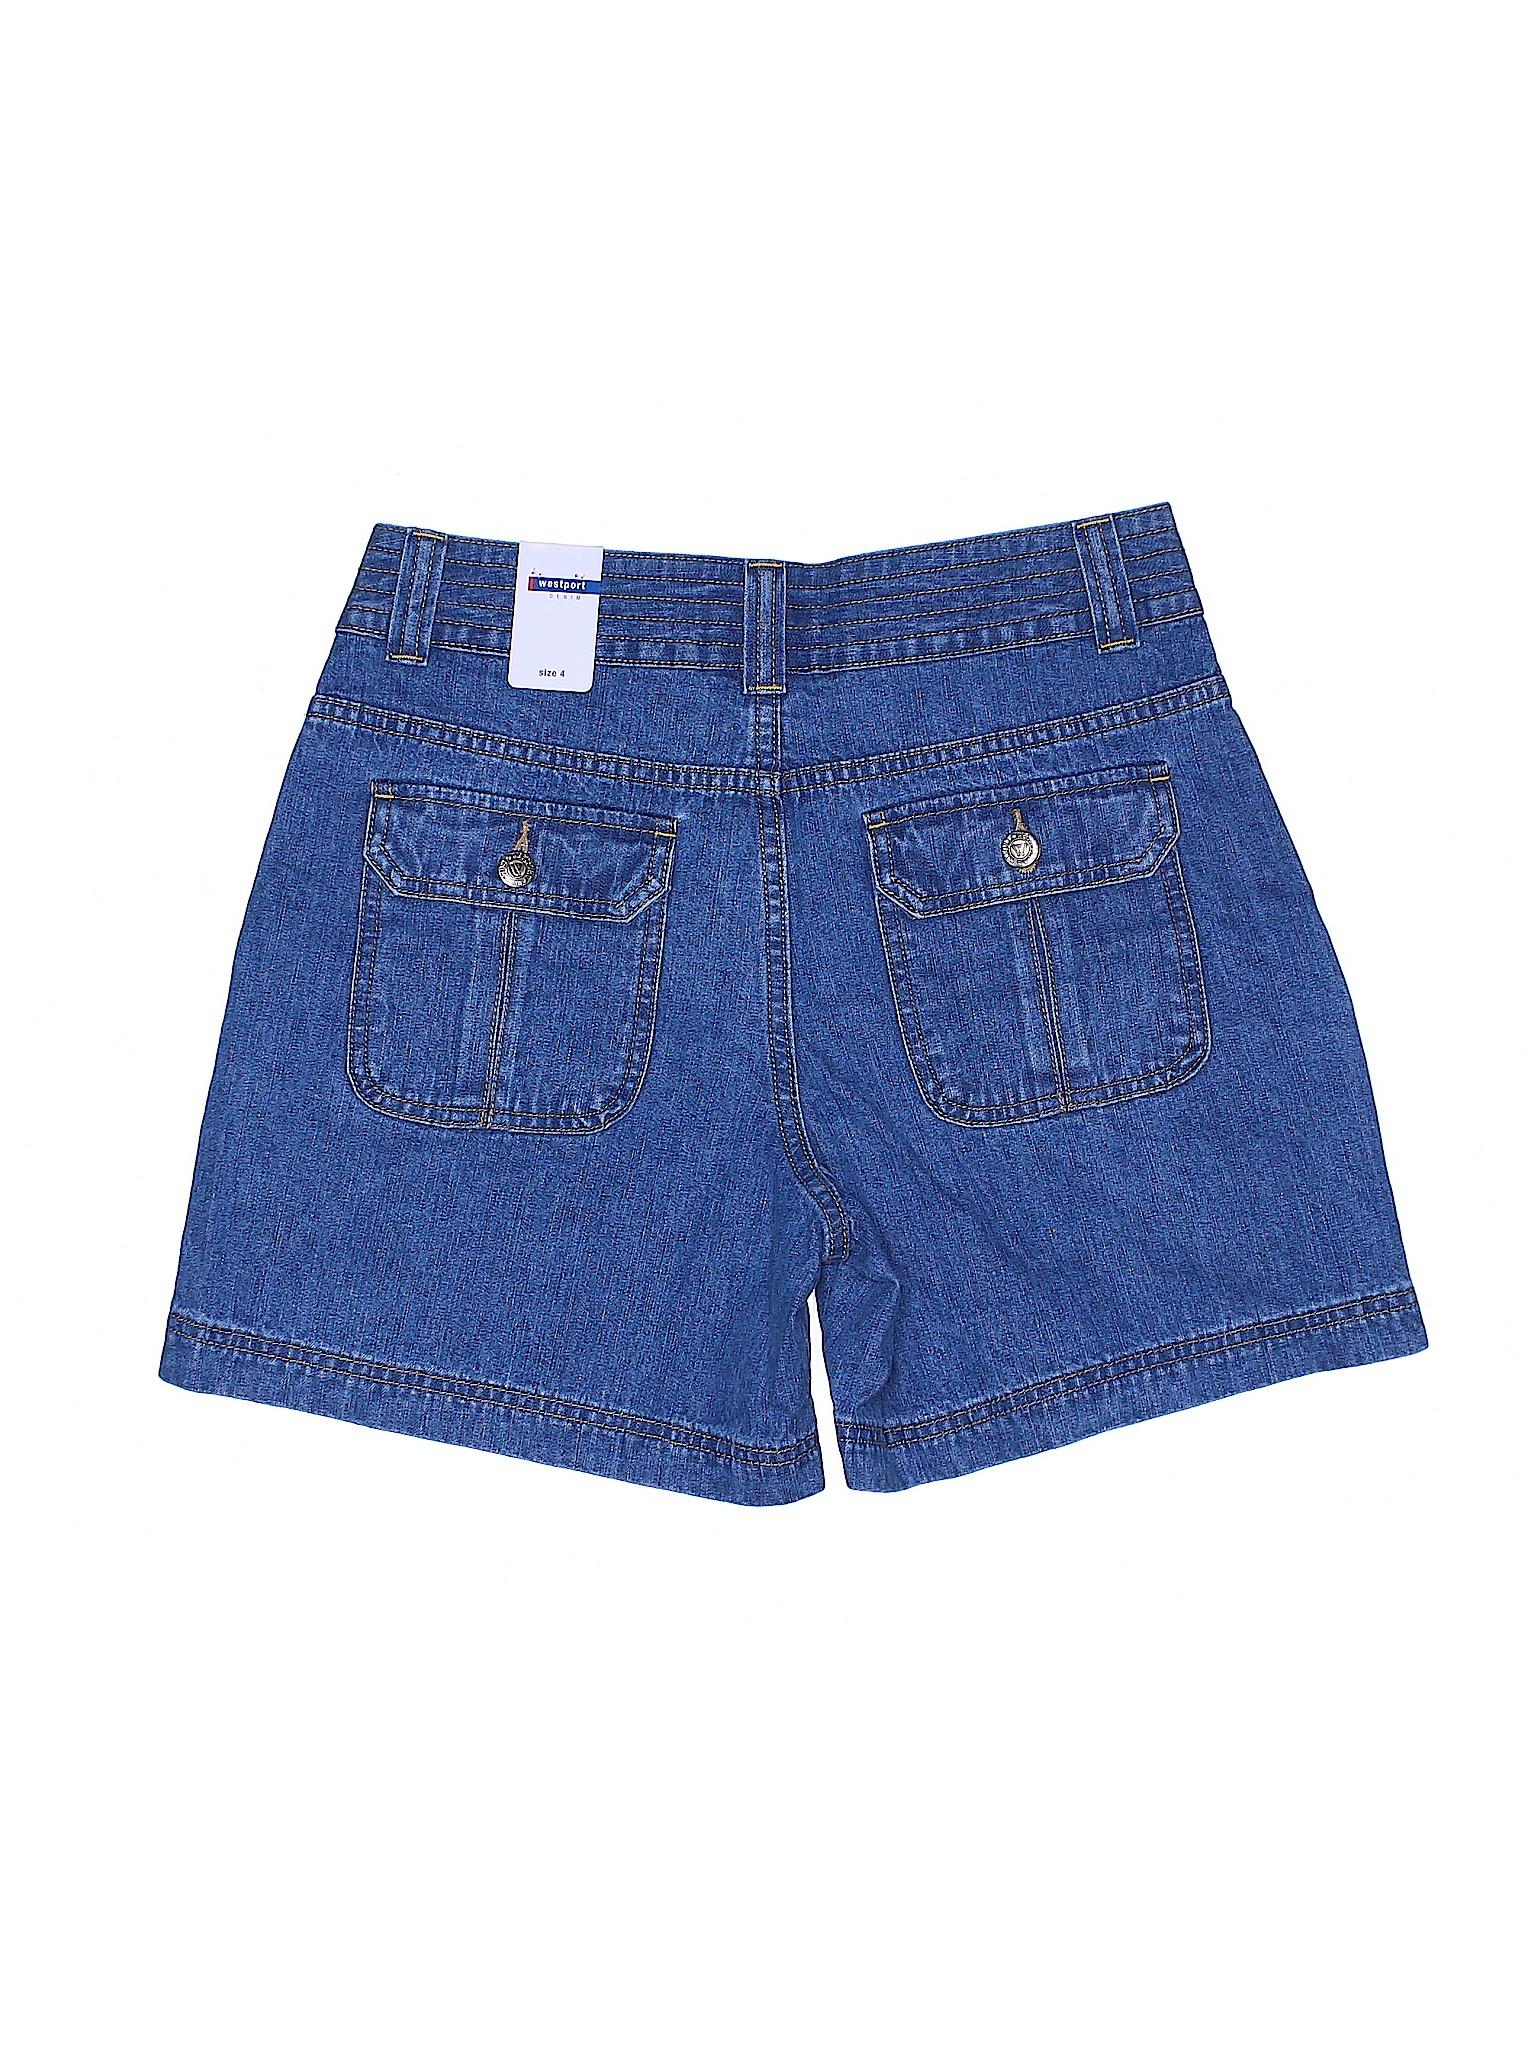 leisure Westport Shorts leisure Denim Shorts Denim Westport Boutique Boutique Boutique 1gq4q